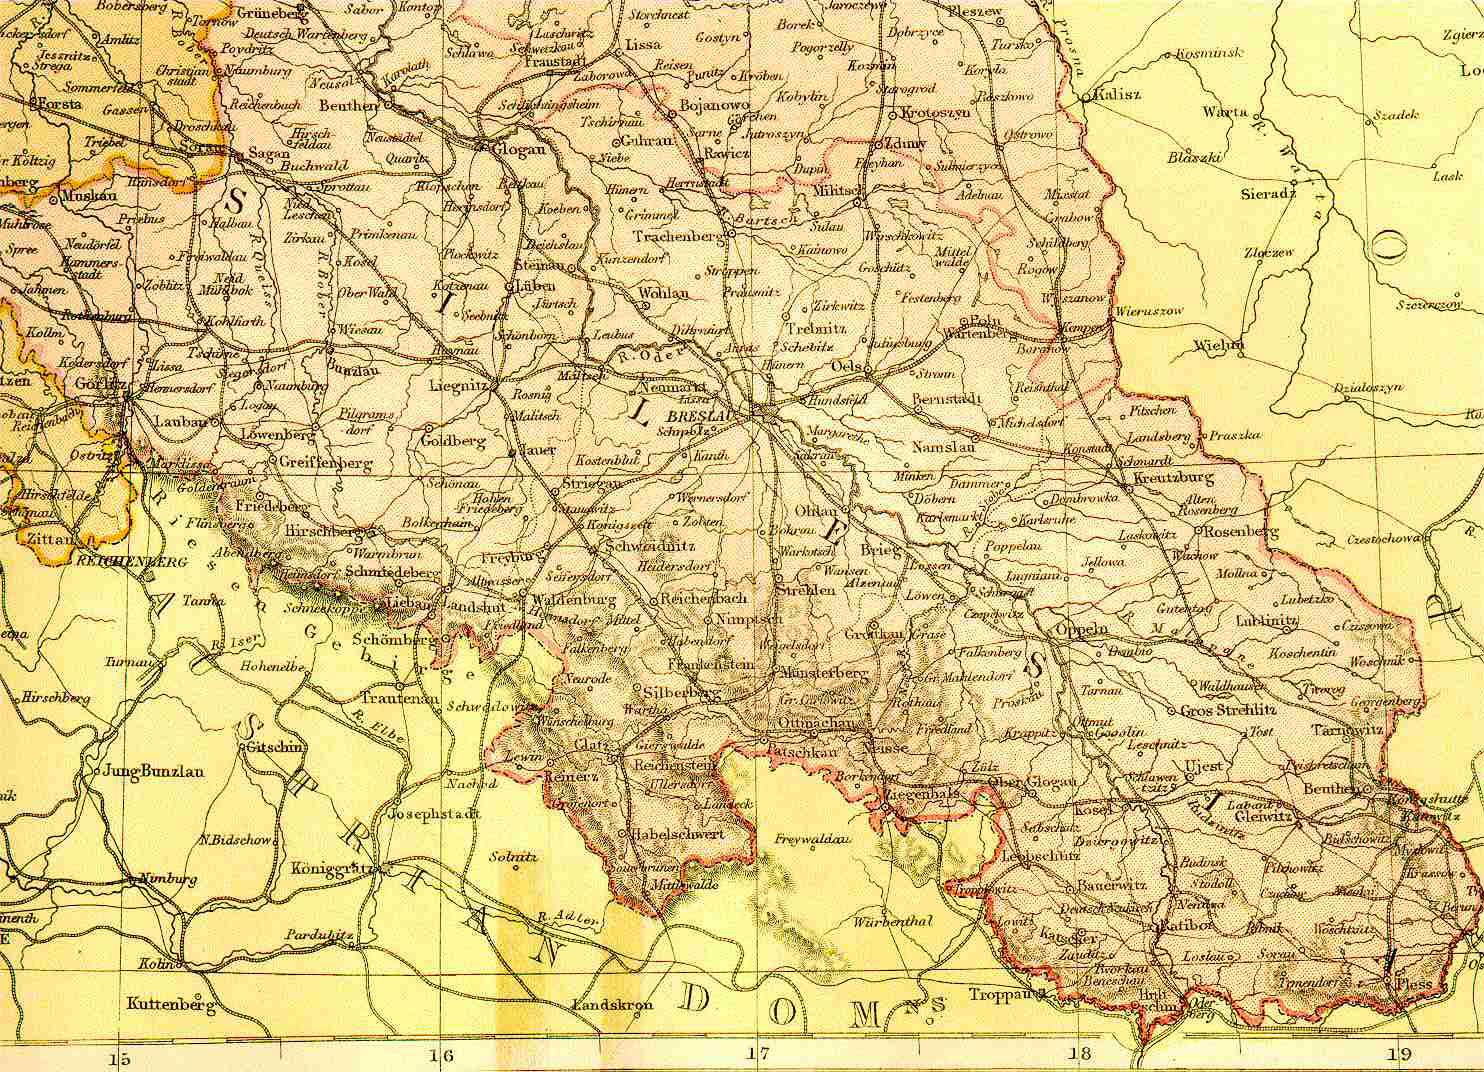 Schlesien Karte Heute.Schlesien Karte Karte